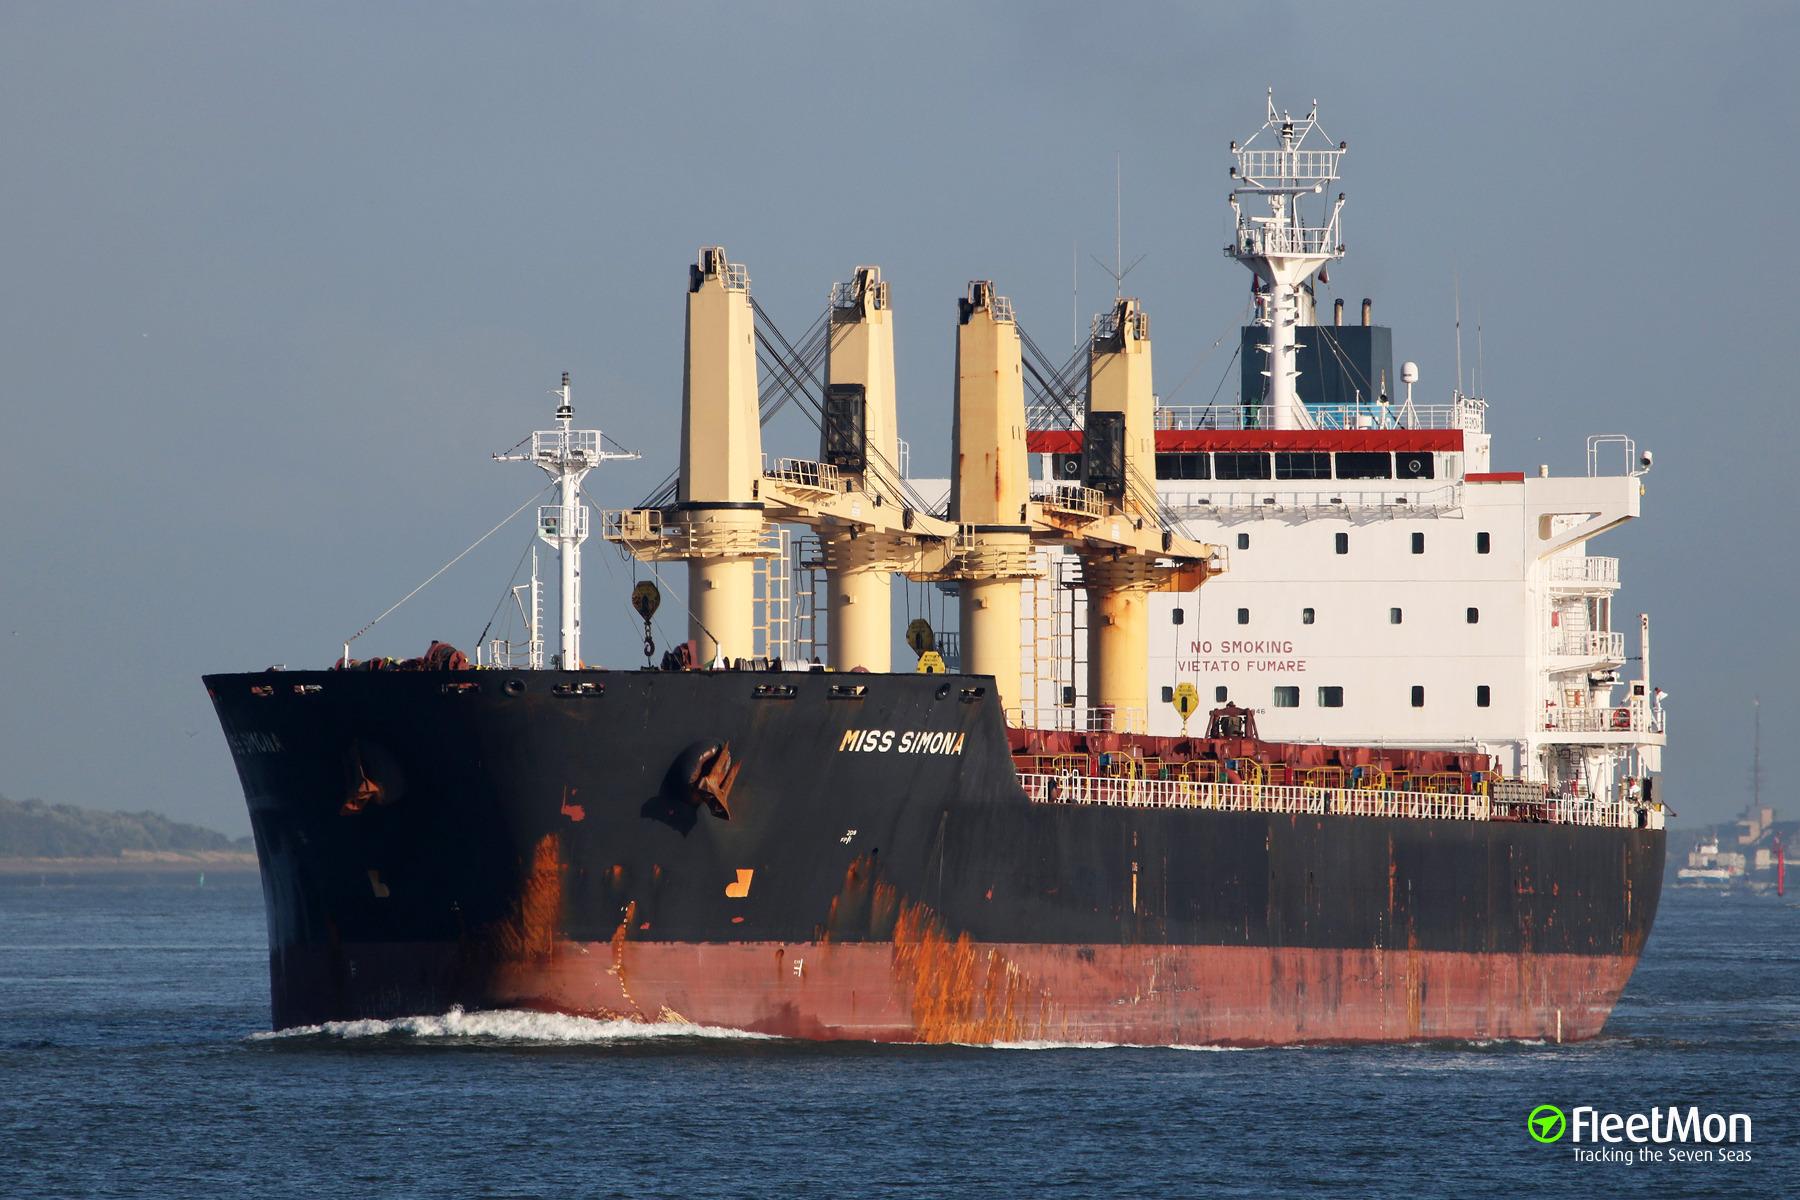 Master of an Italian bulk carrier MISS SIMONA medevaced